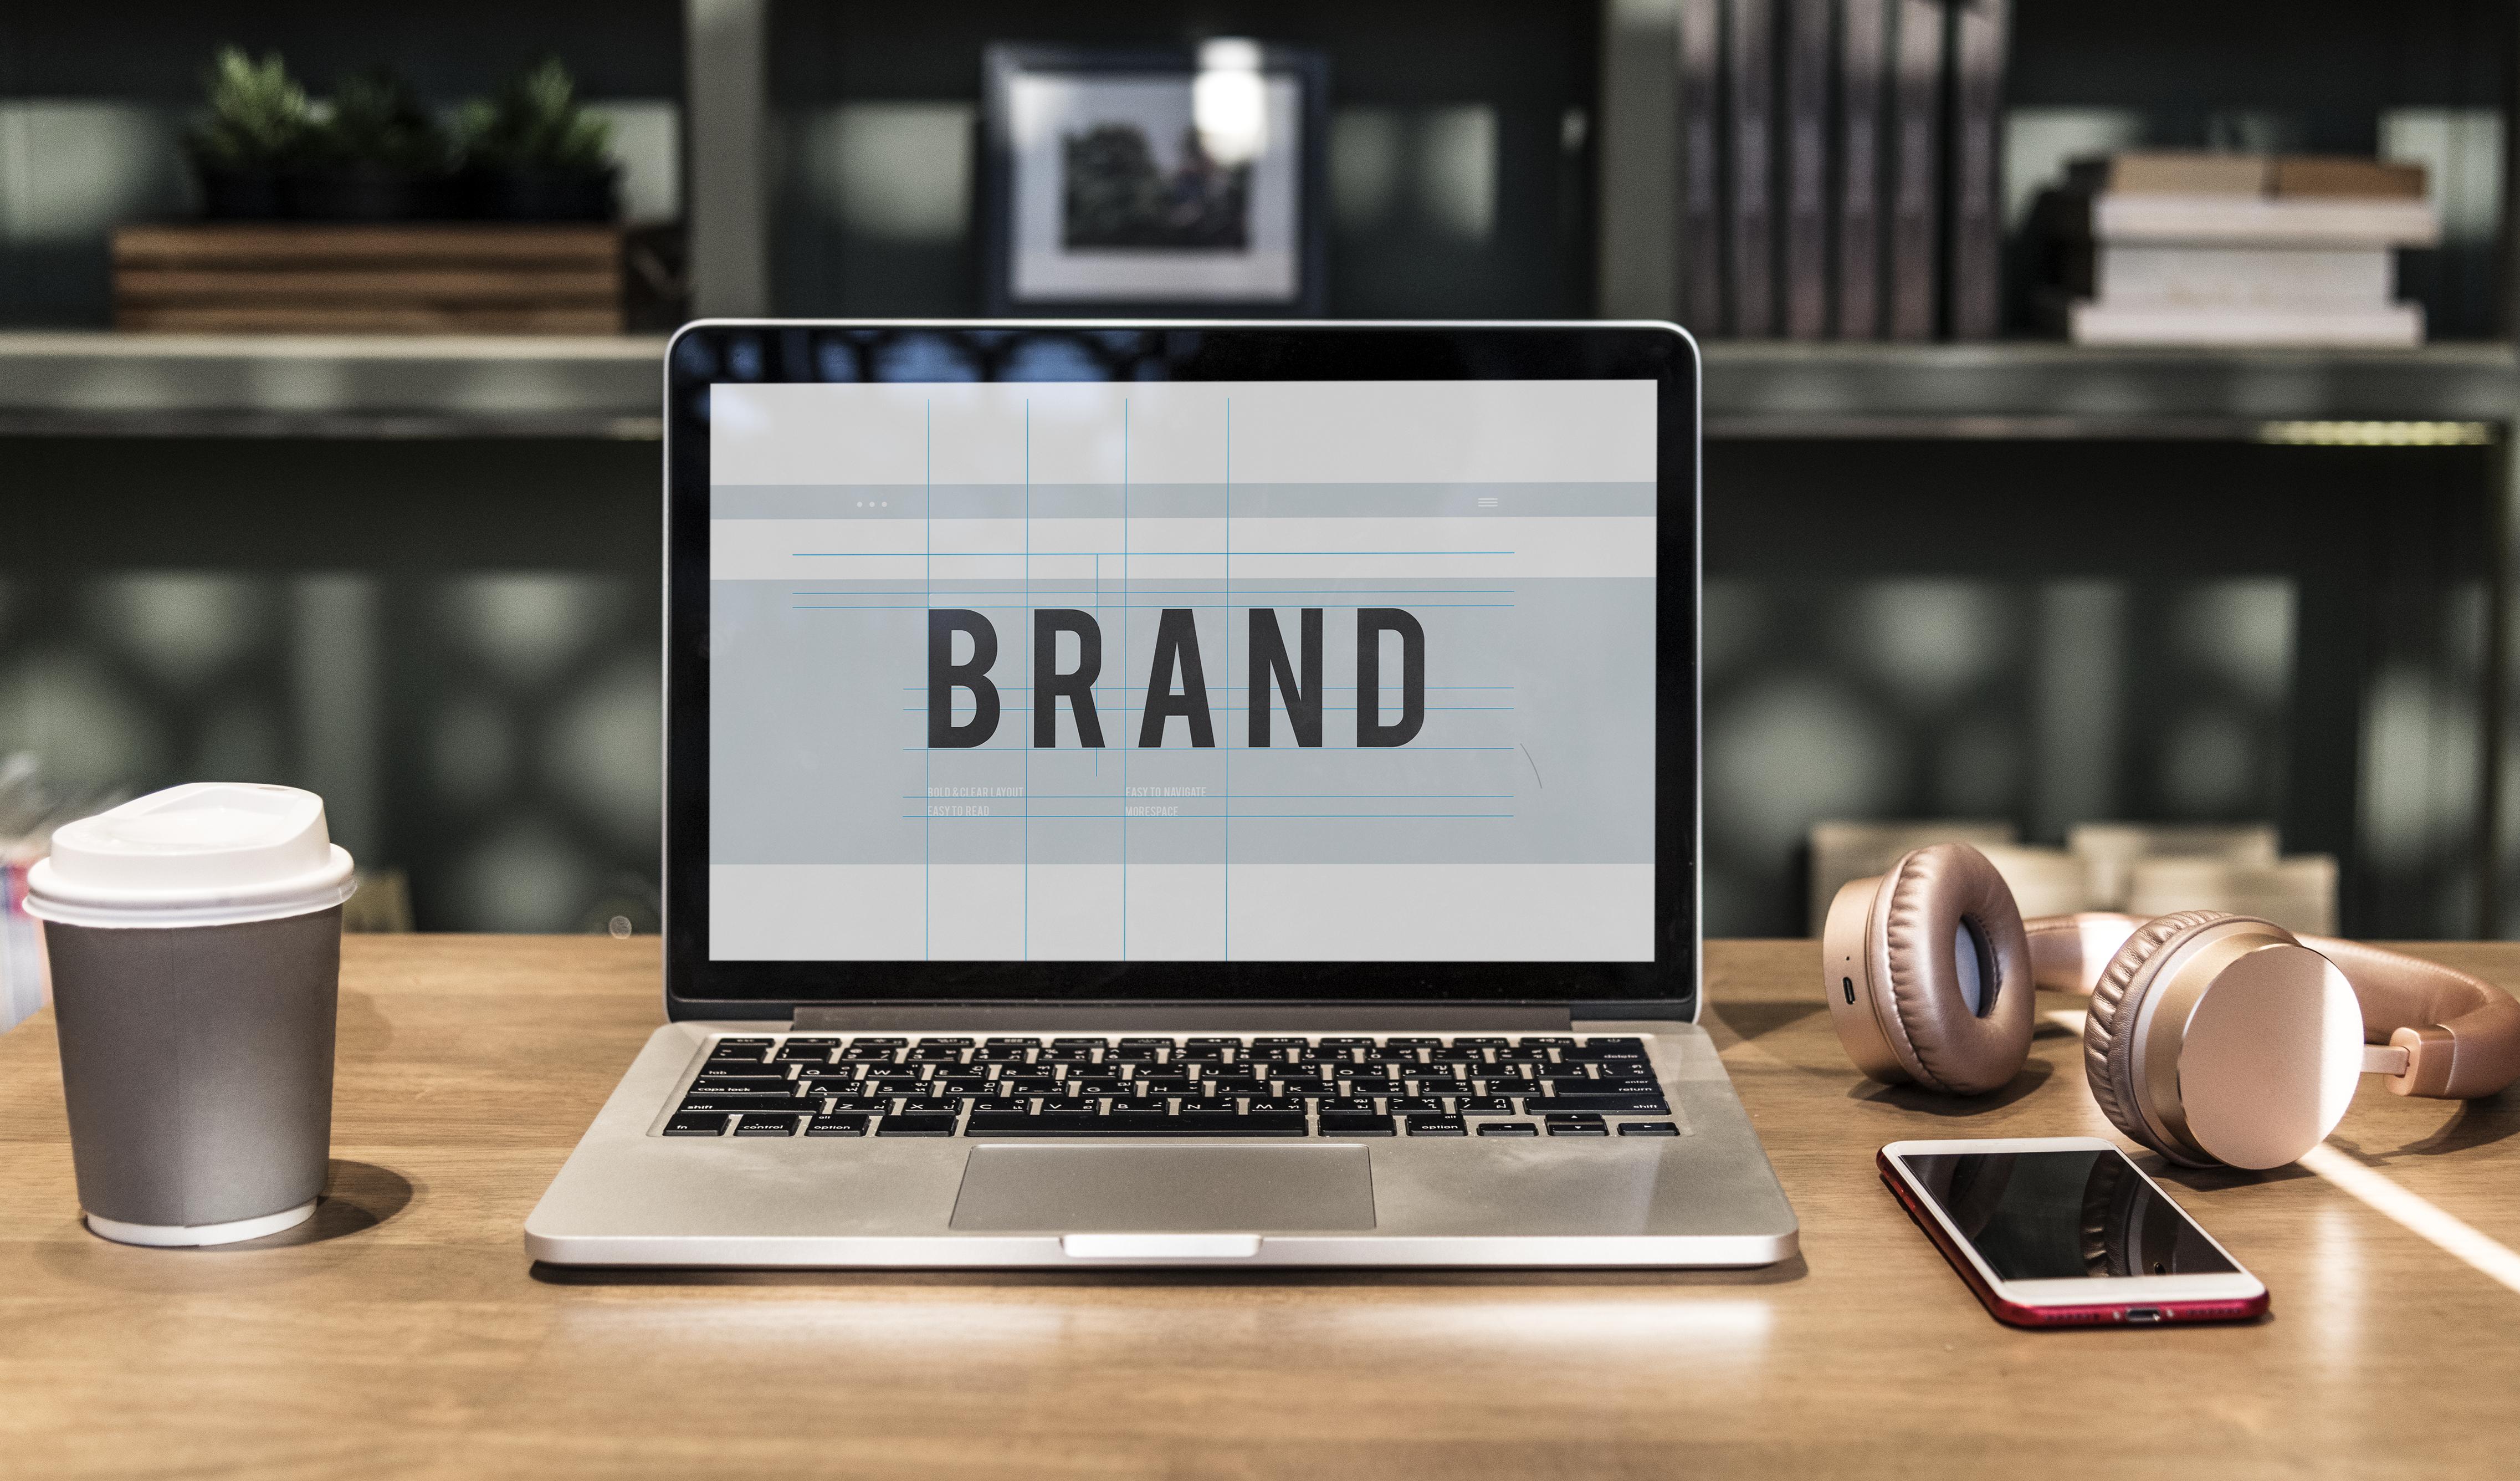 entenda a importância do desenvolvimento de marcas e logotipos